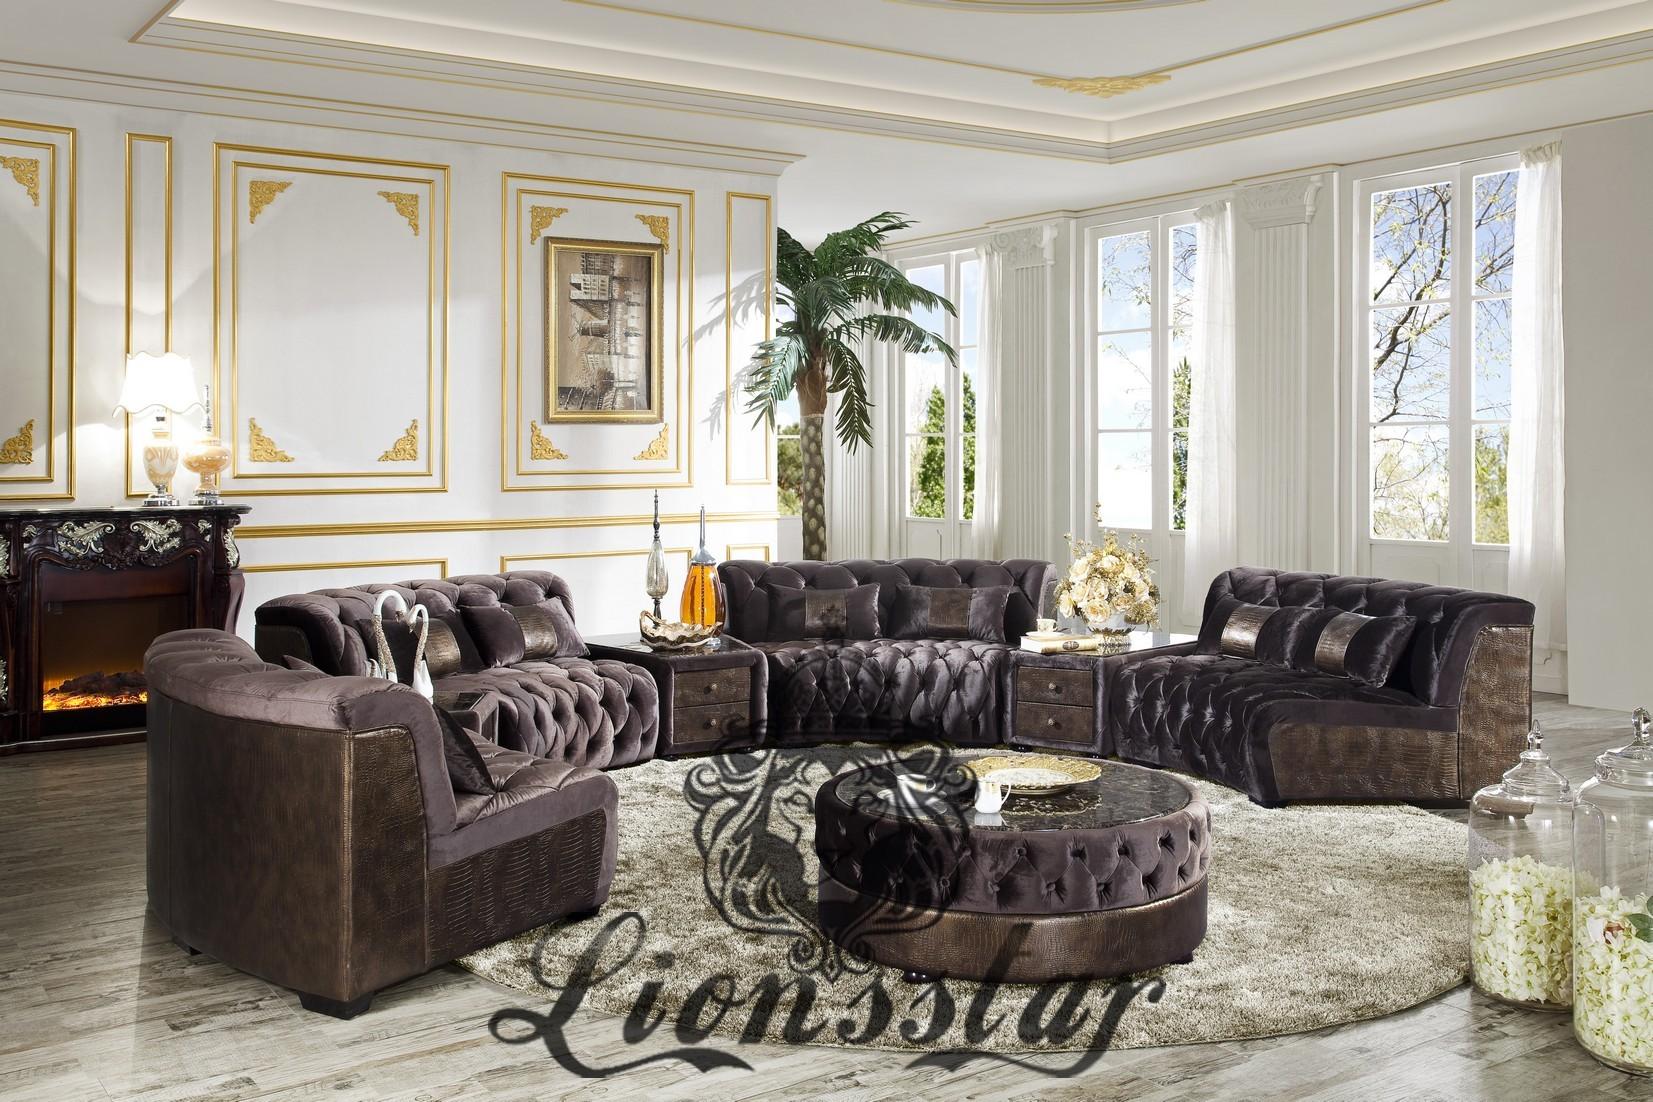 wohnlandschaft rund ebay. Black Bedroom Furniture Sets. Home Design Ideas